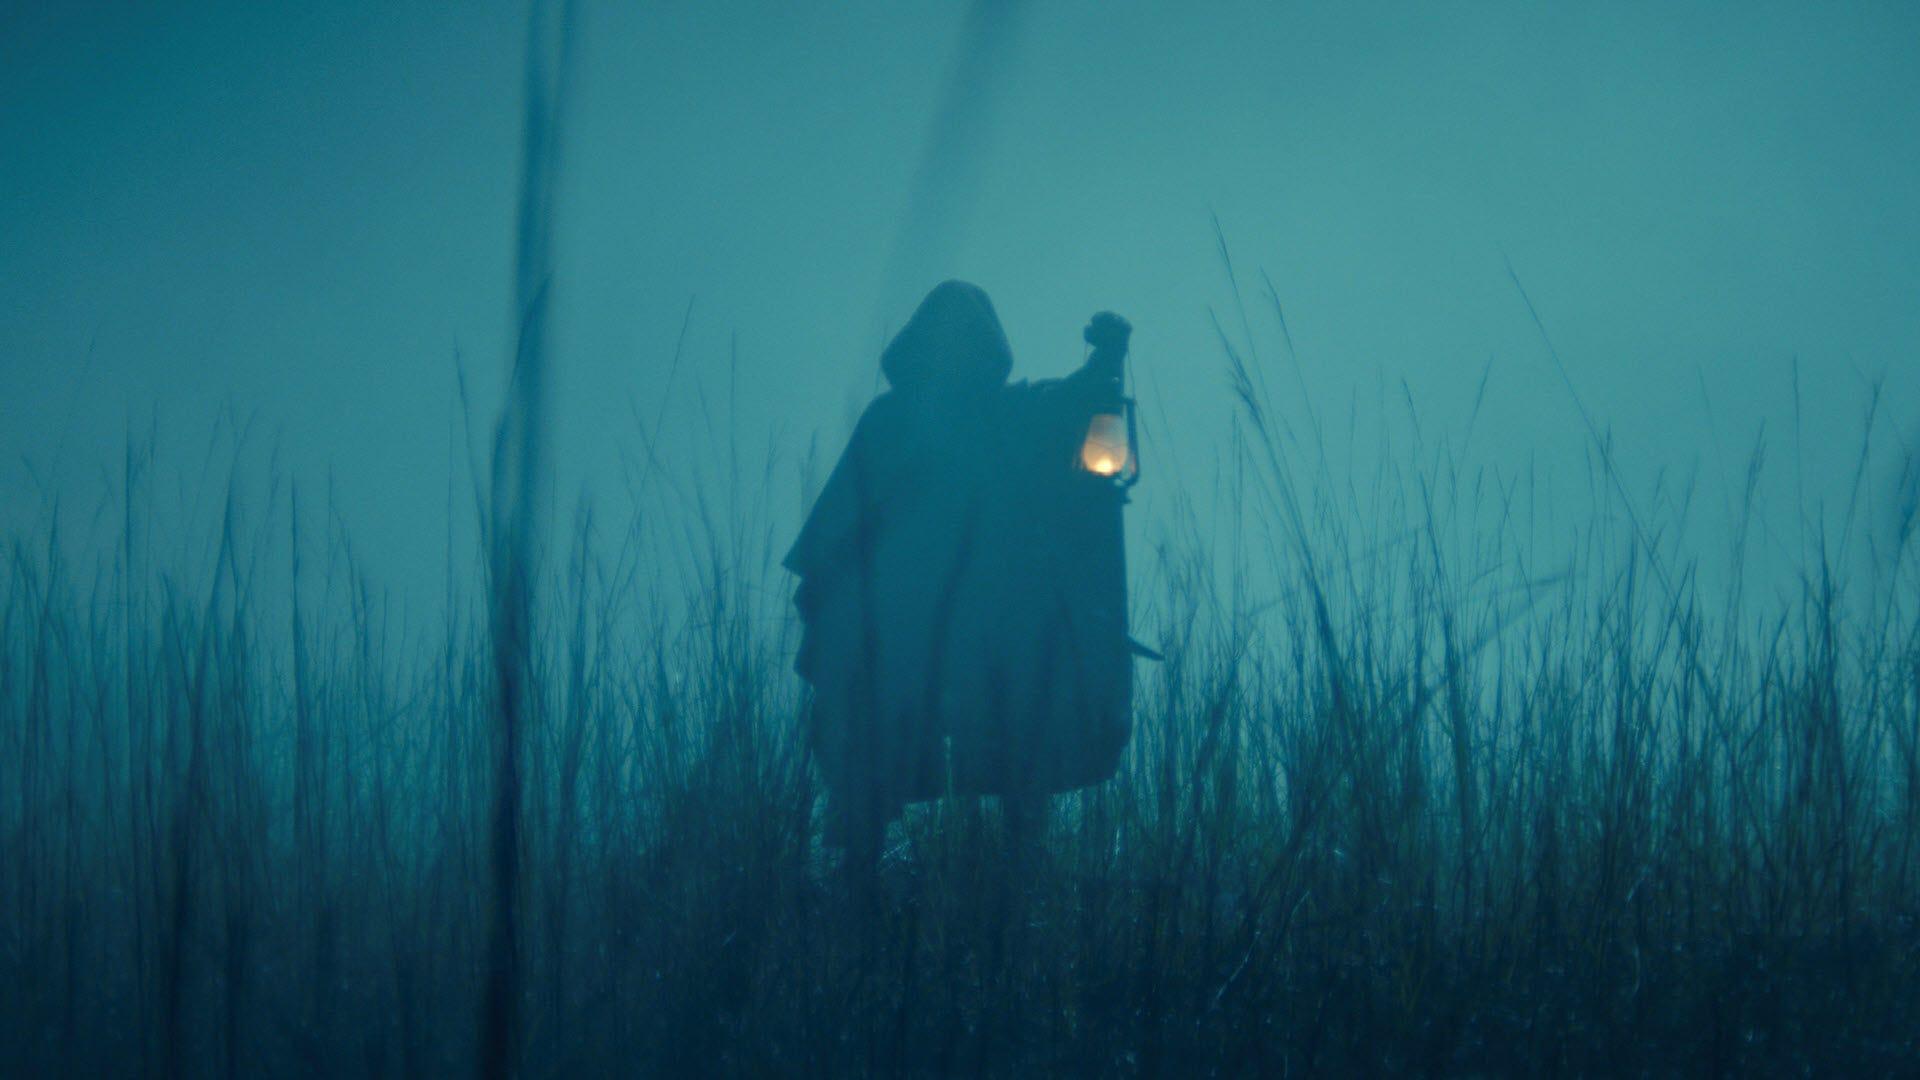 Une figure cachée dans l'ombre tenant une lanterne.